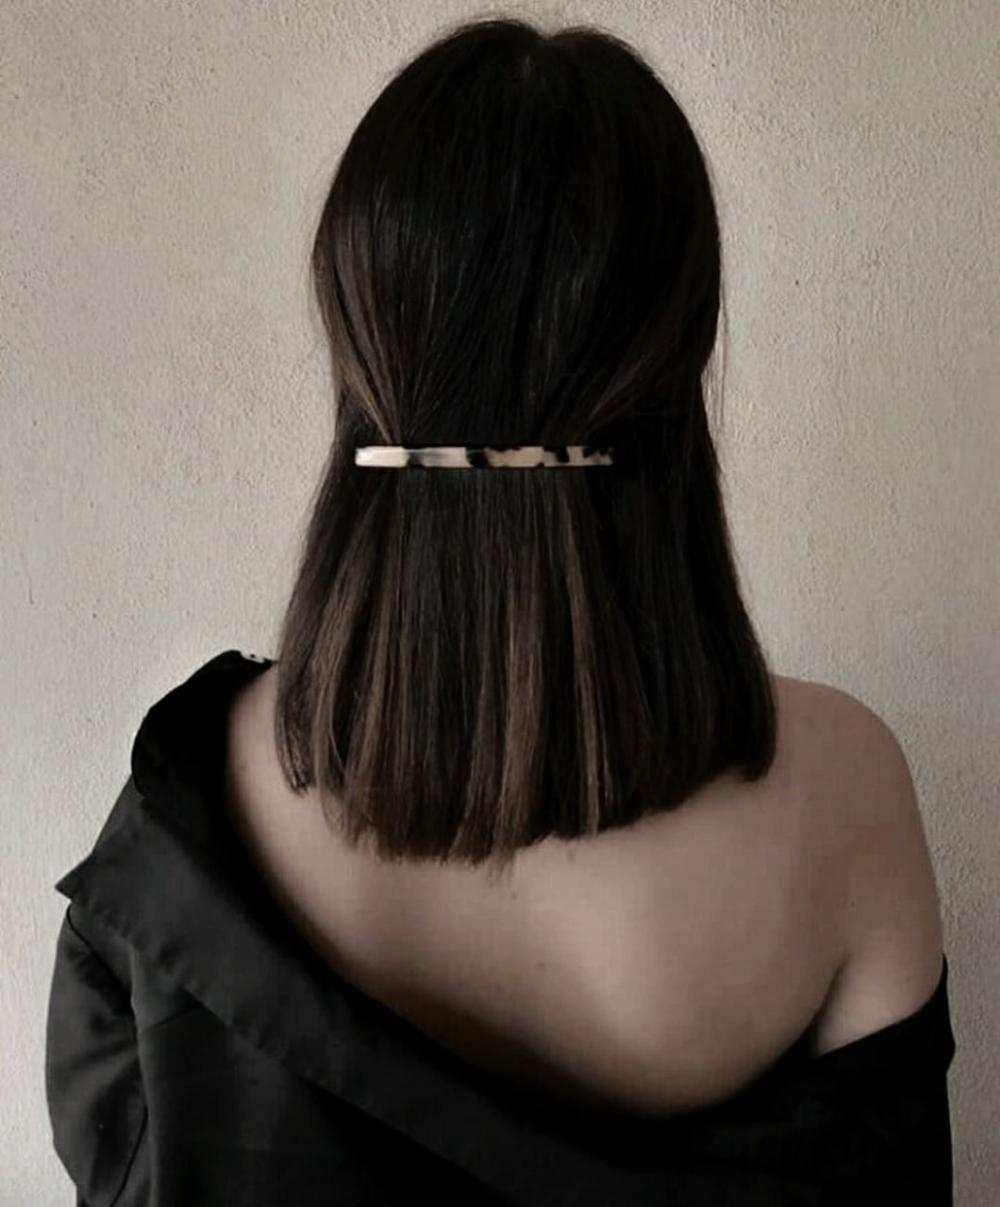 Mashabear Hair Girls E Long Hair Hair Styles Short Hair Styles Hairstyle